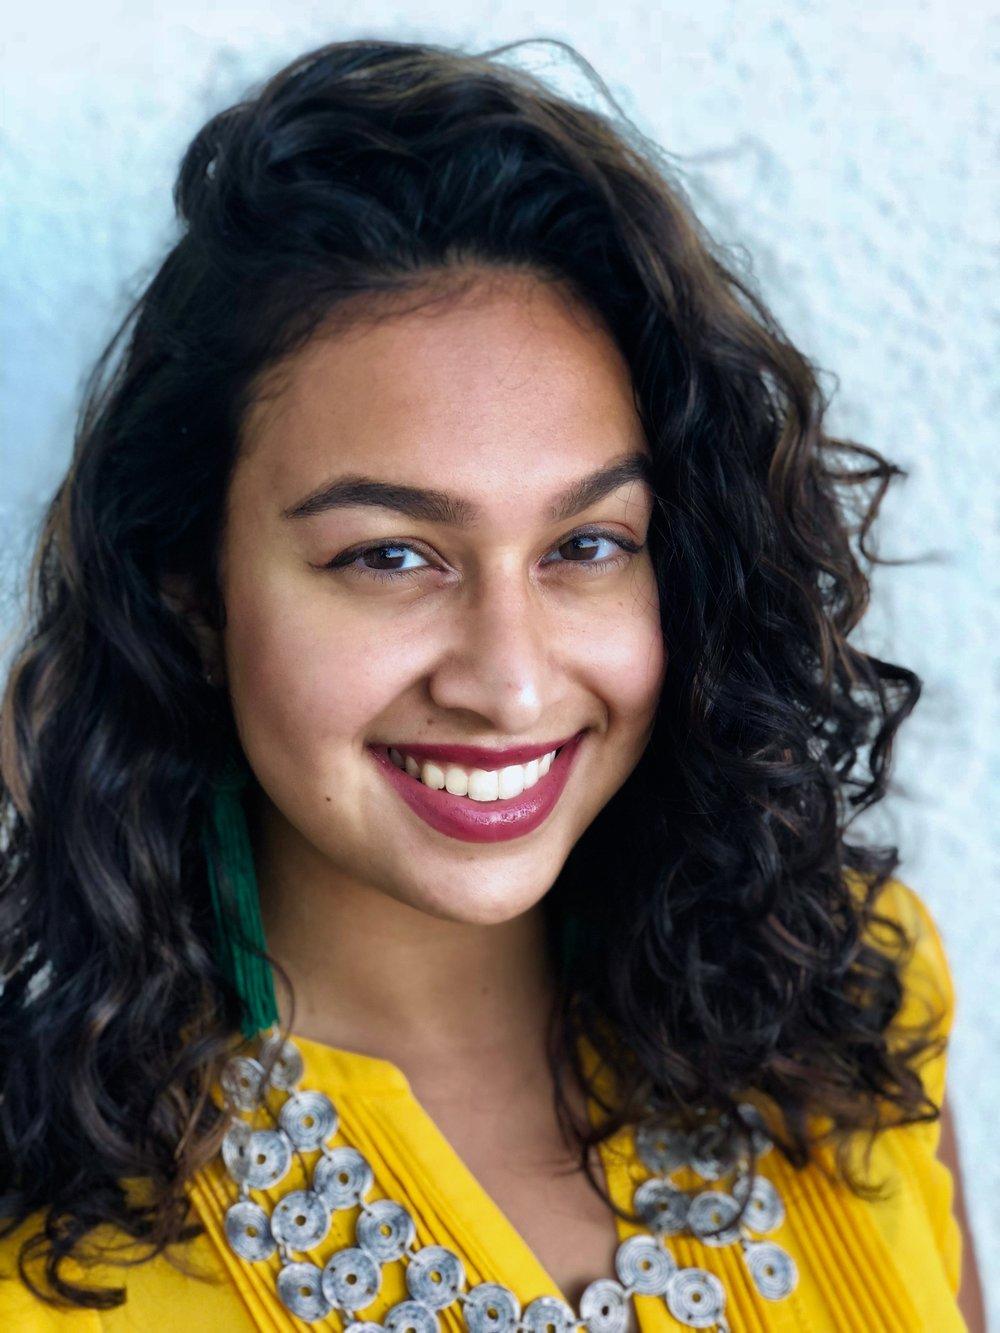 Jasmine Rashid